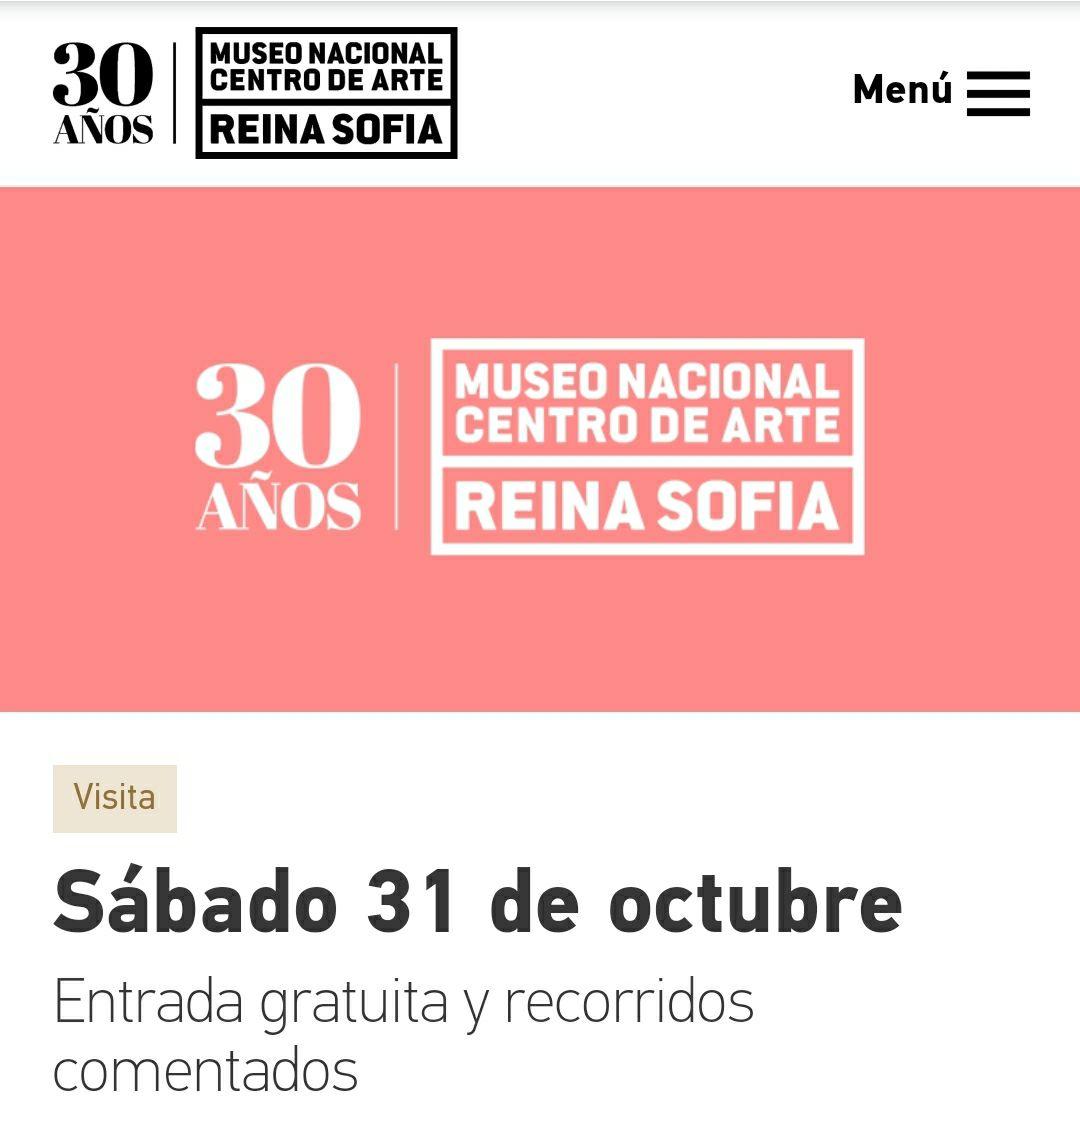 Museo Reina Sofía: Entrada y recorridos comentados gratis